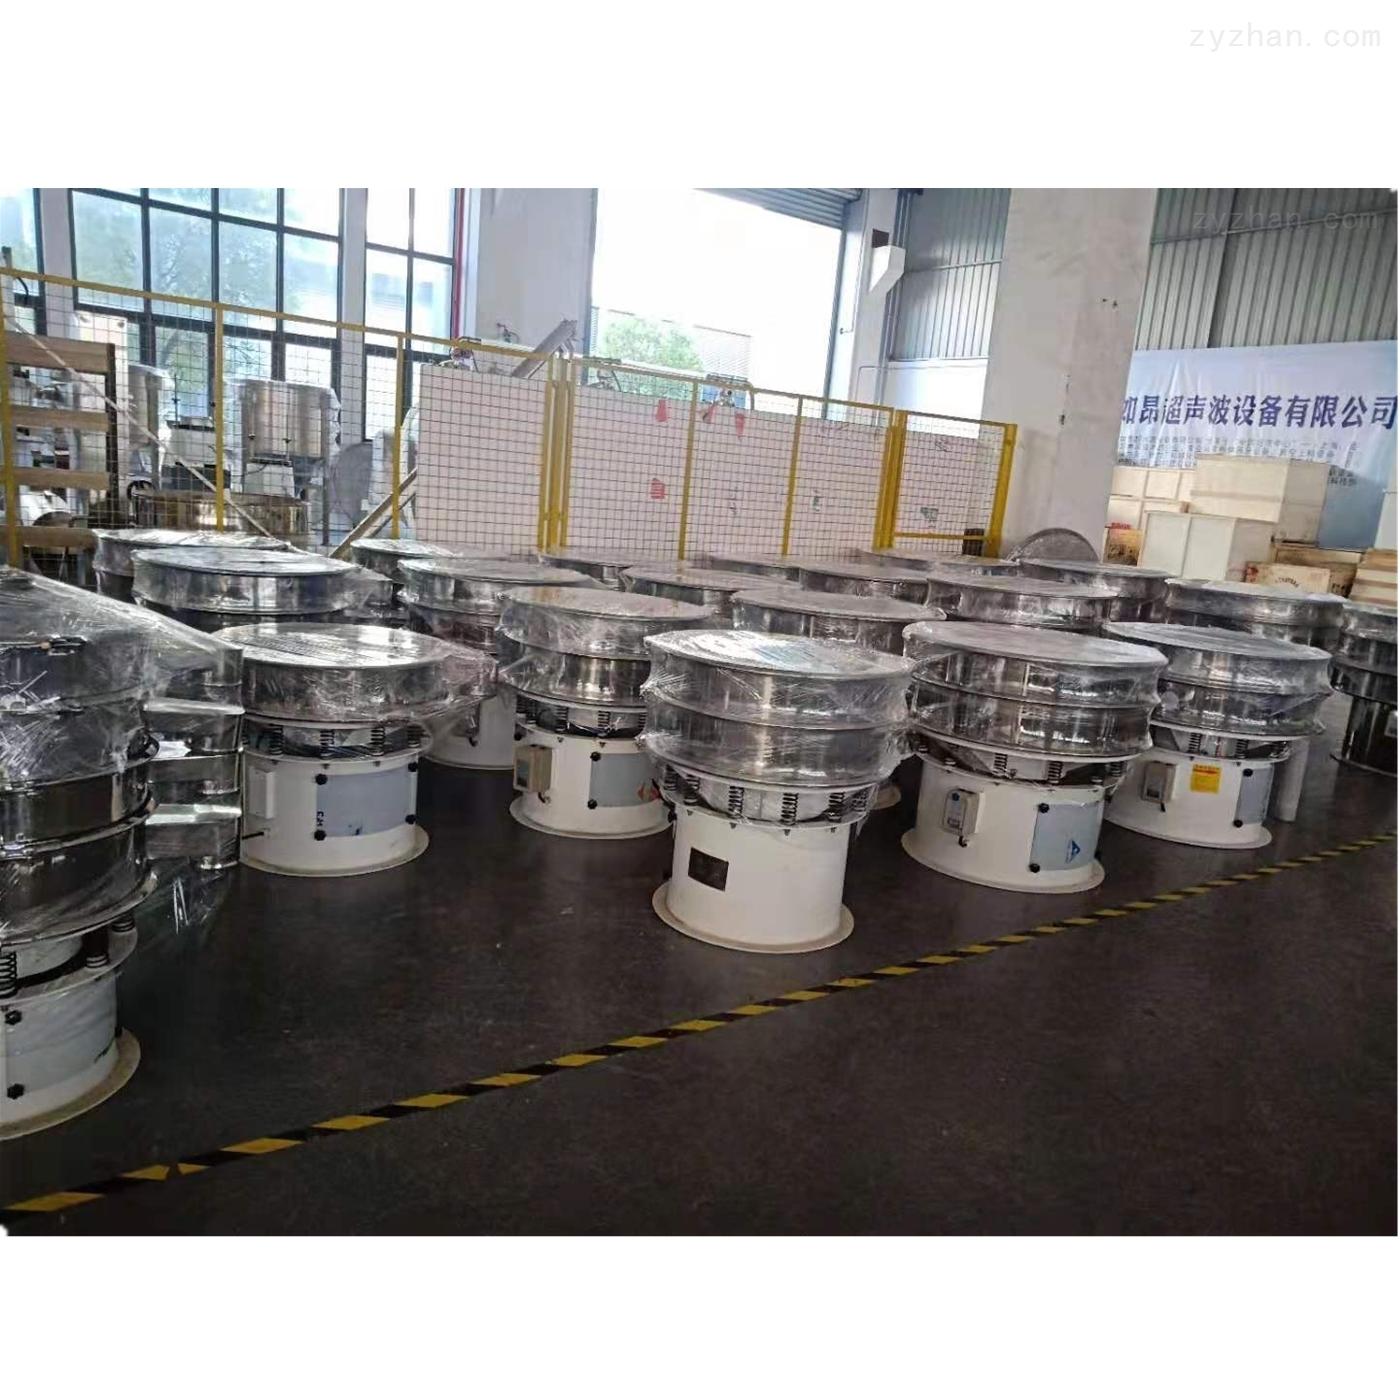 化肥饲料振动筛多功能高效筛分机